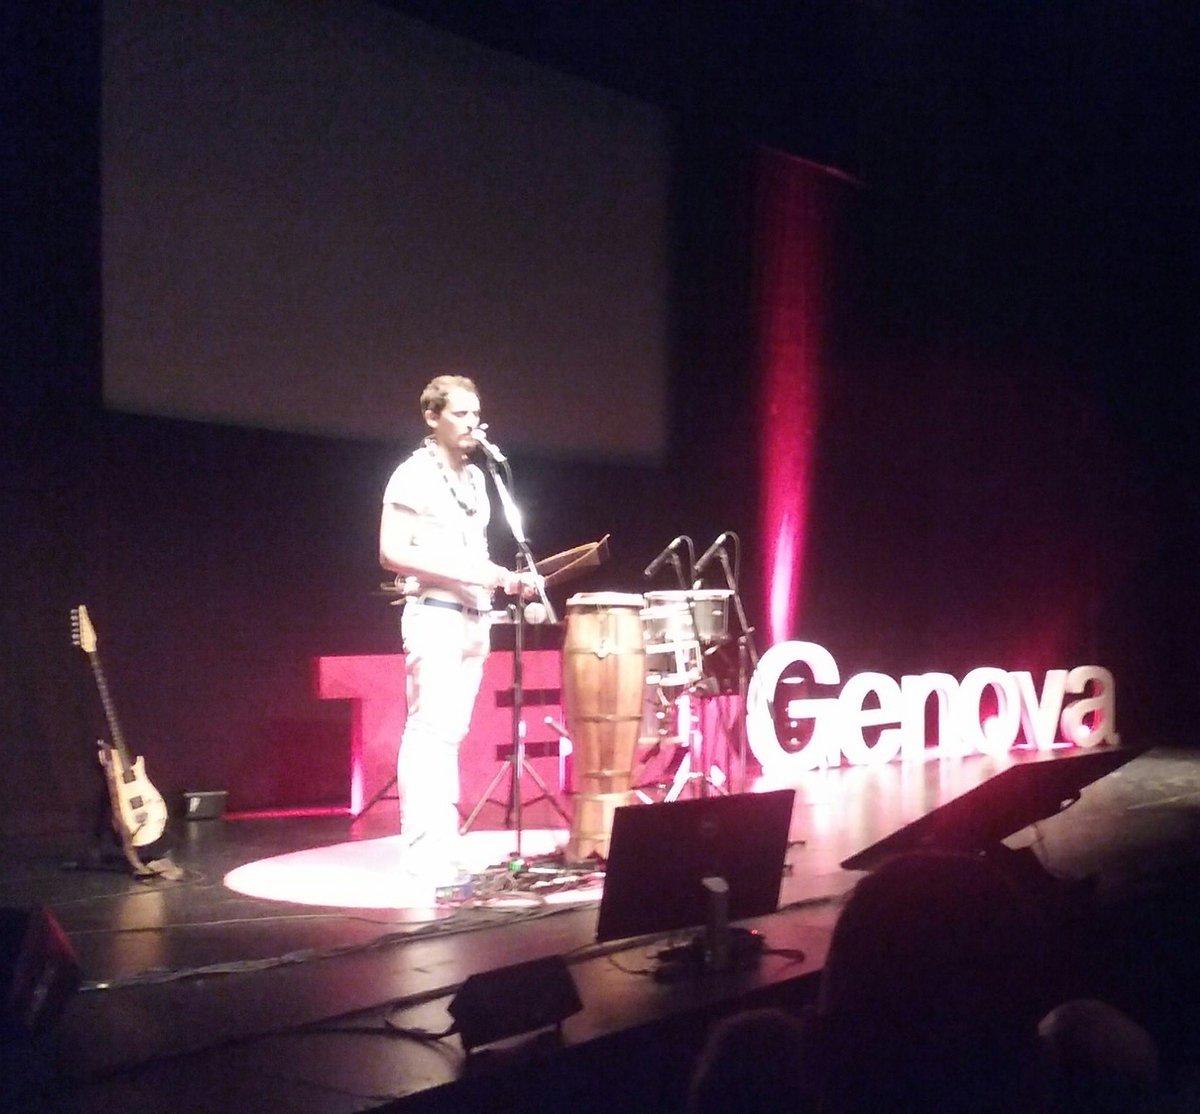 #tedxgenova